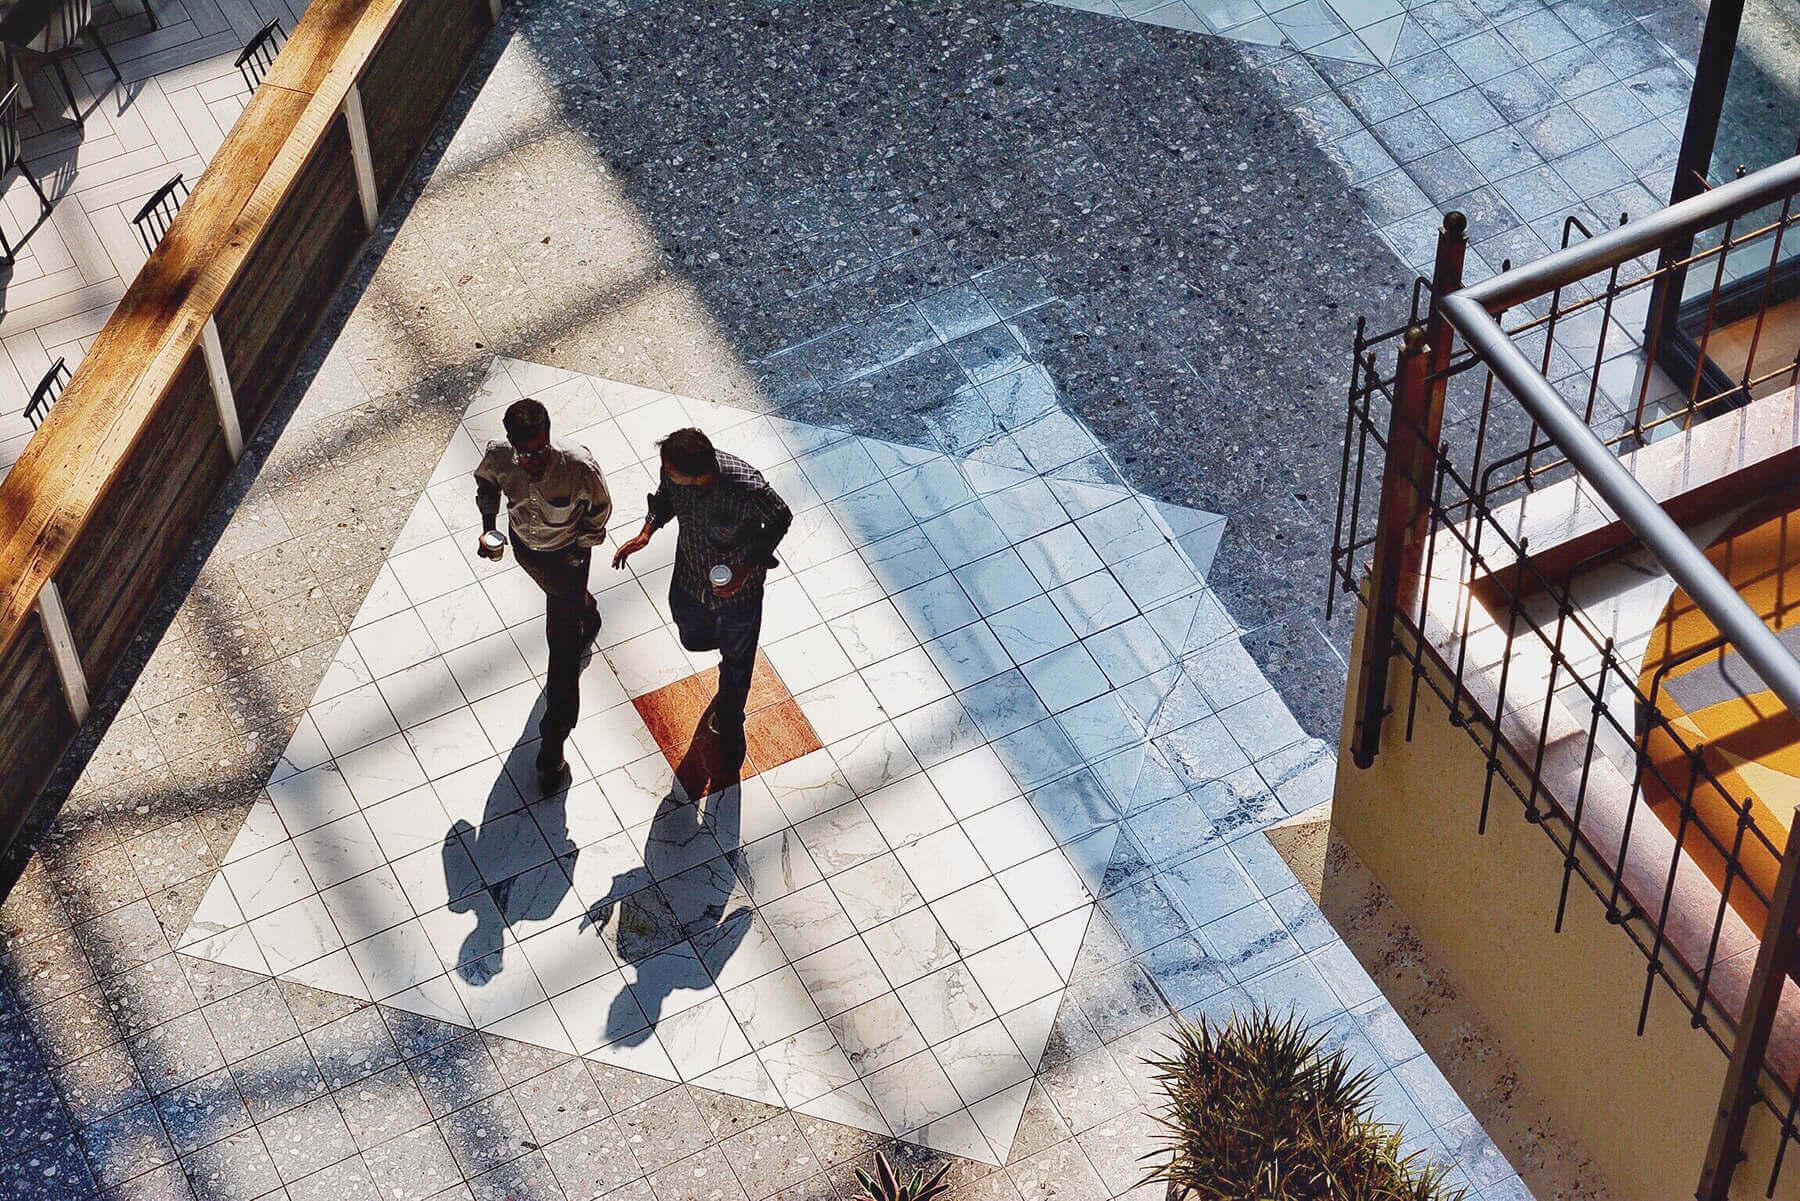 Fokus på två personer, relaterad med att skapa målgrupper och fokusera på dessa för bättre marknadsföring